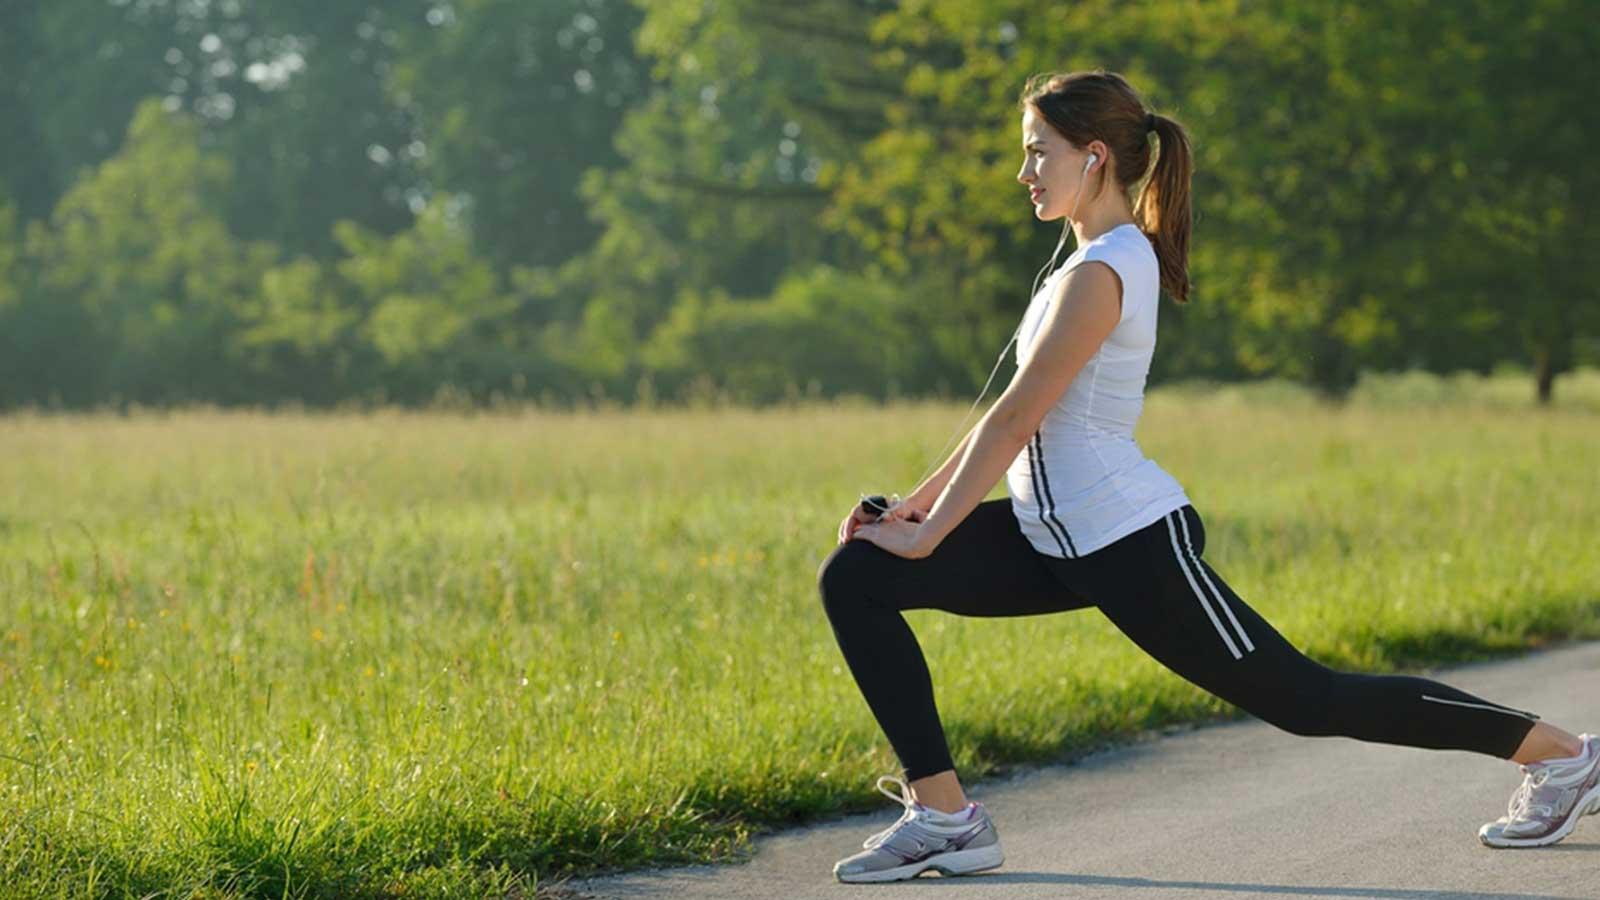 6 tips para mejorar tu rutina de ejercicios sin rendirte en el intento